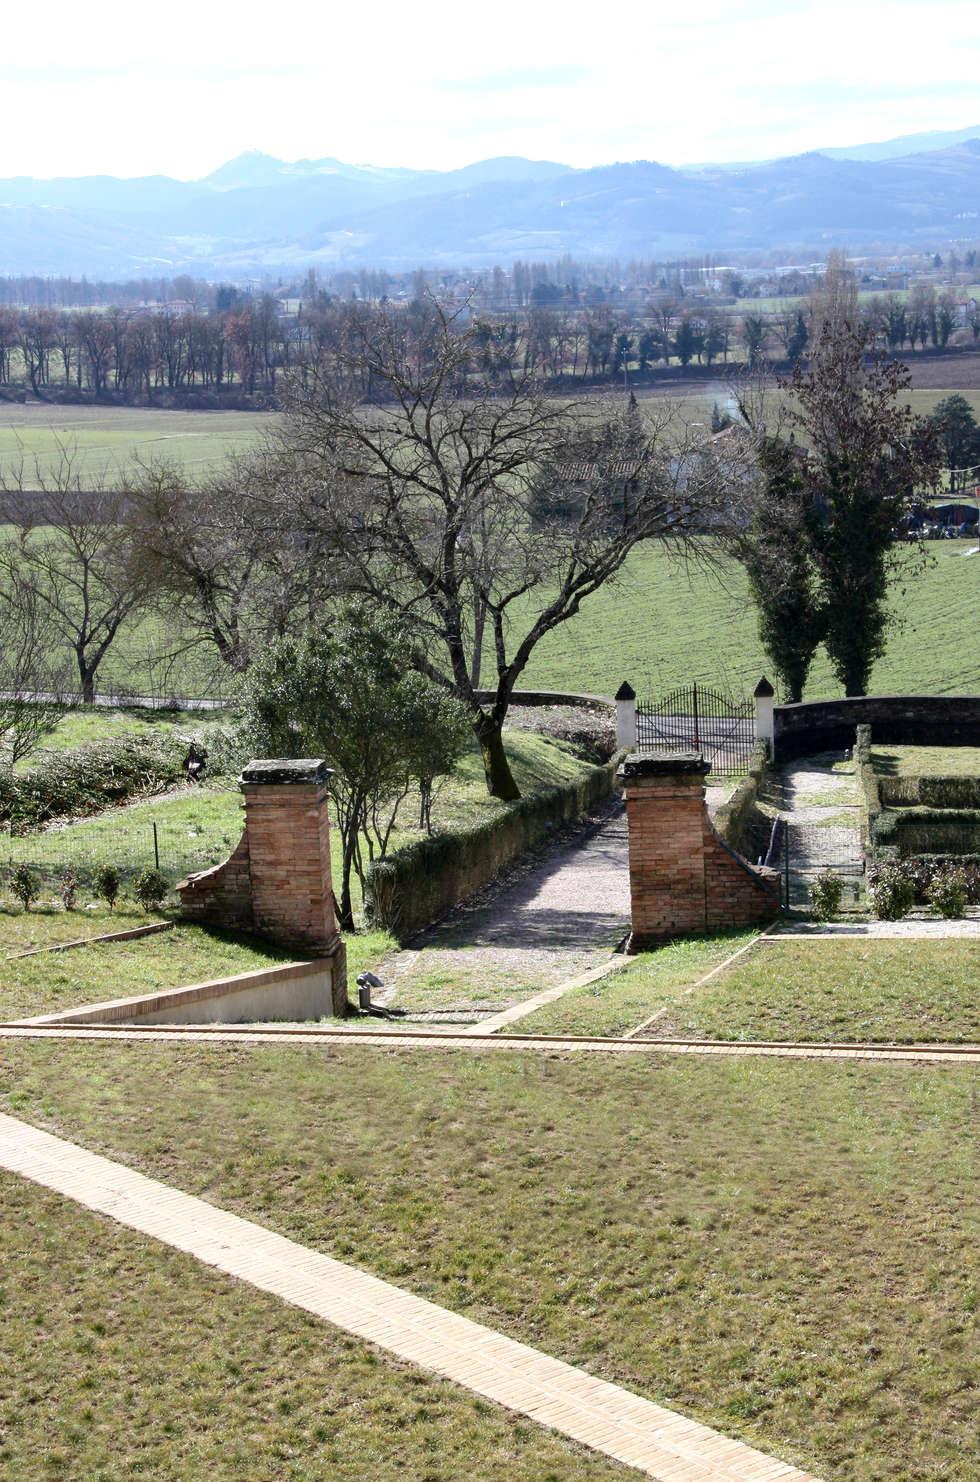 I percorsi nel parco. Viale d'ingresso alla Villa.: Musei in stile  di Architetti Laura Romagnoli e Guido Batocchioni Associati